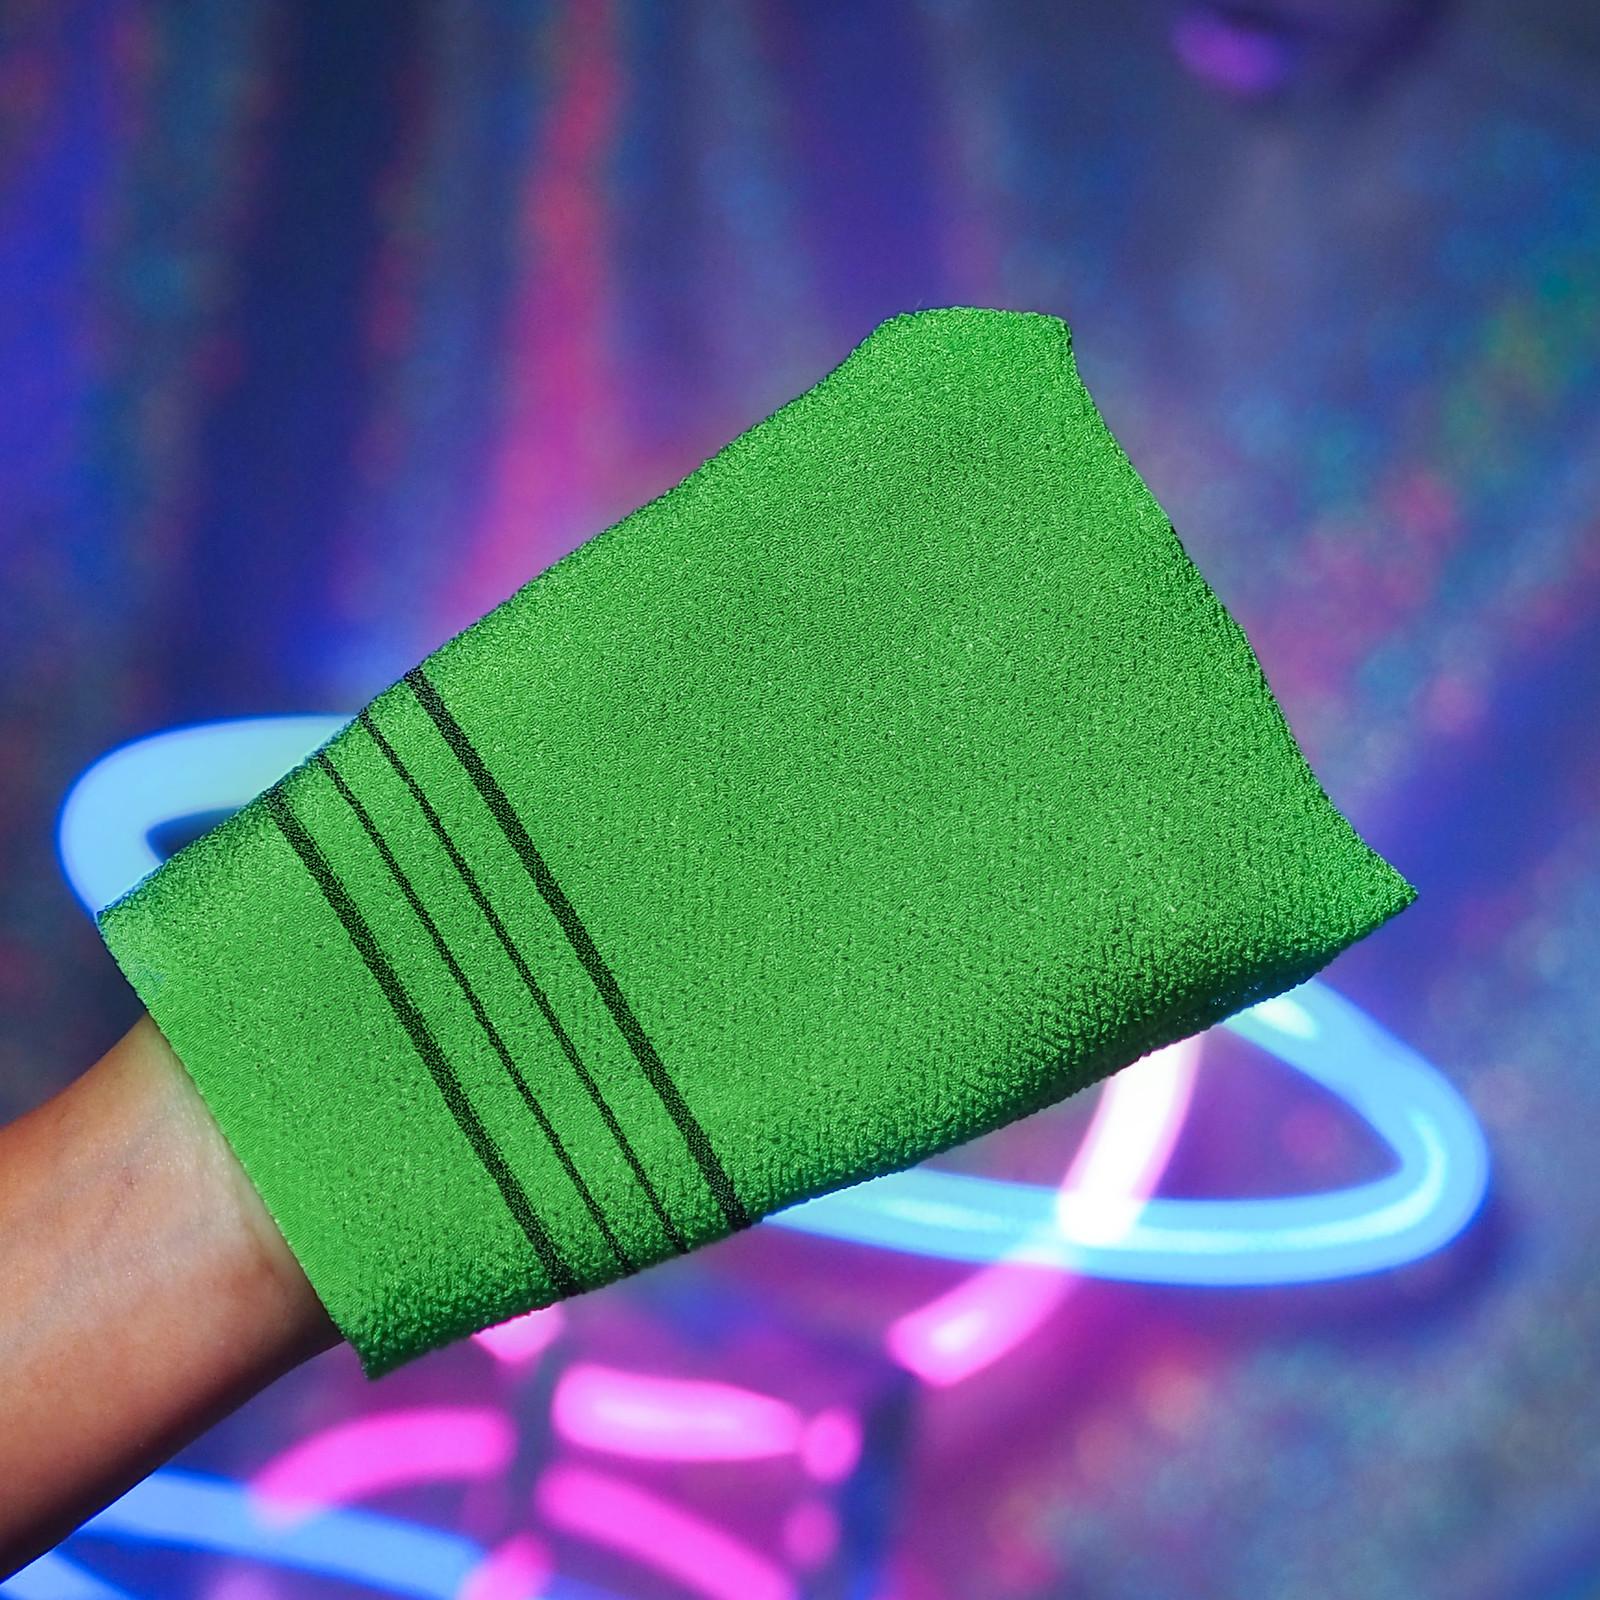 Green Exfoliating Korean Italy Towel Review